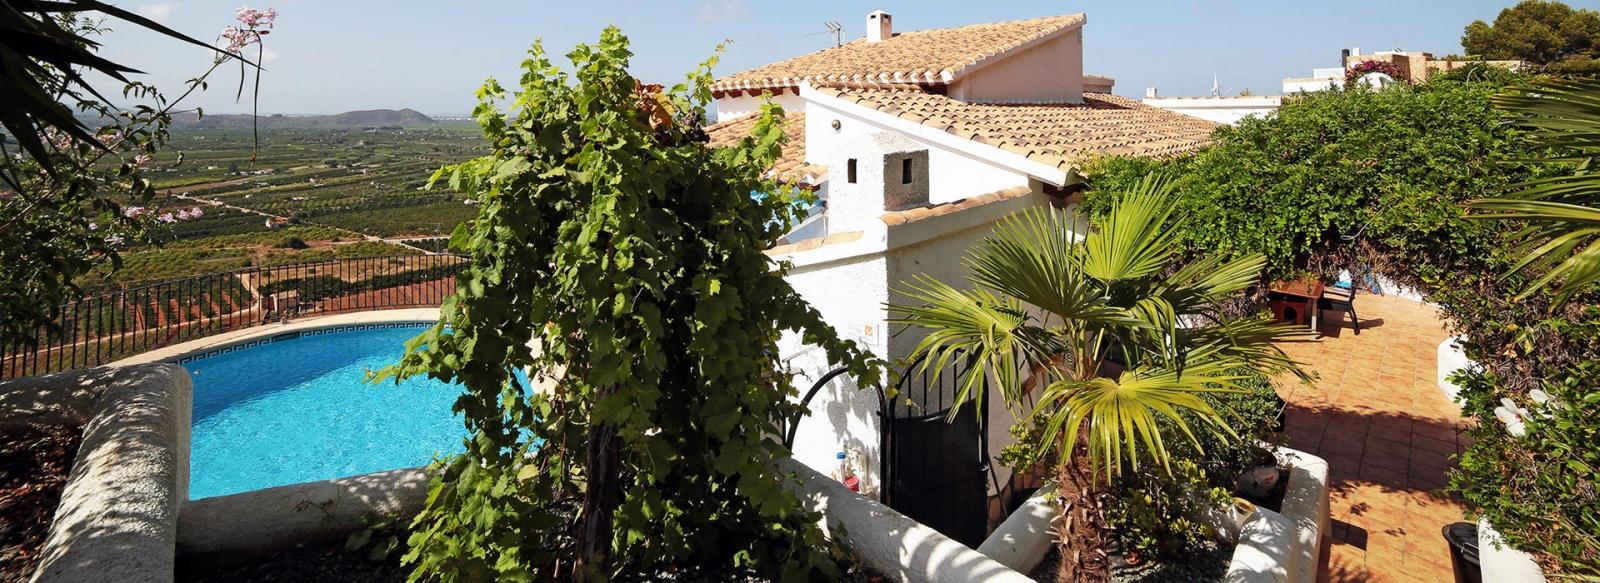 acb.immo - Villa de 4 chambres avec appartement séparé, piscine et vue mer à Monte Pego, Dénia